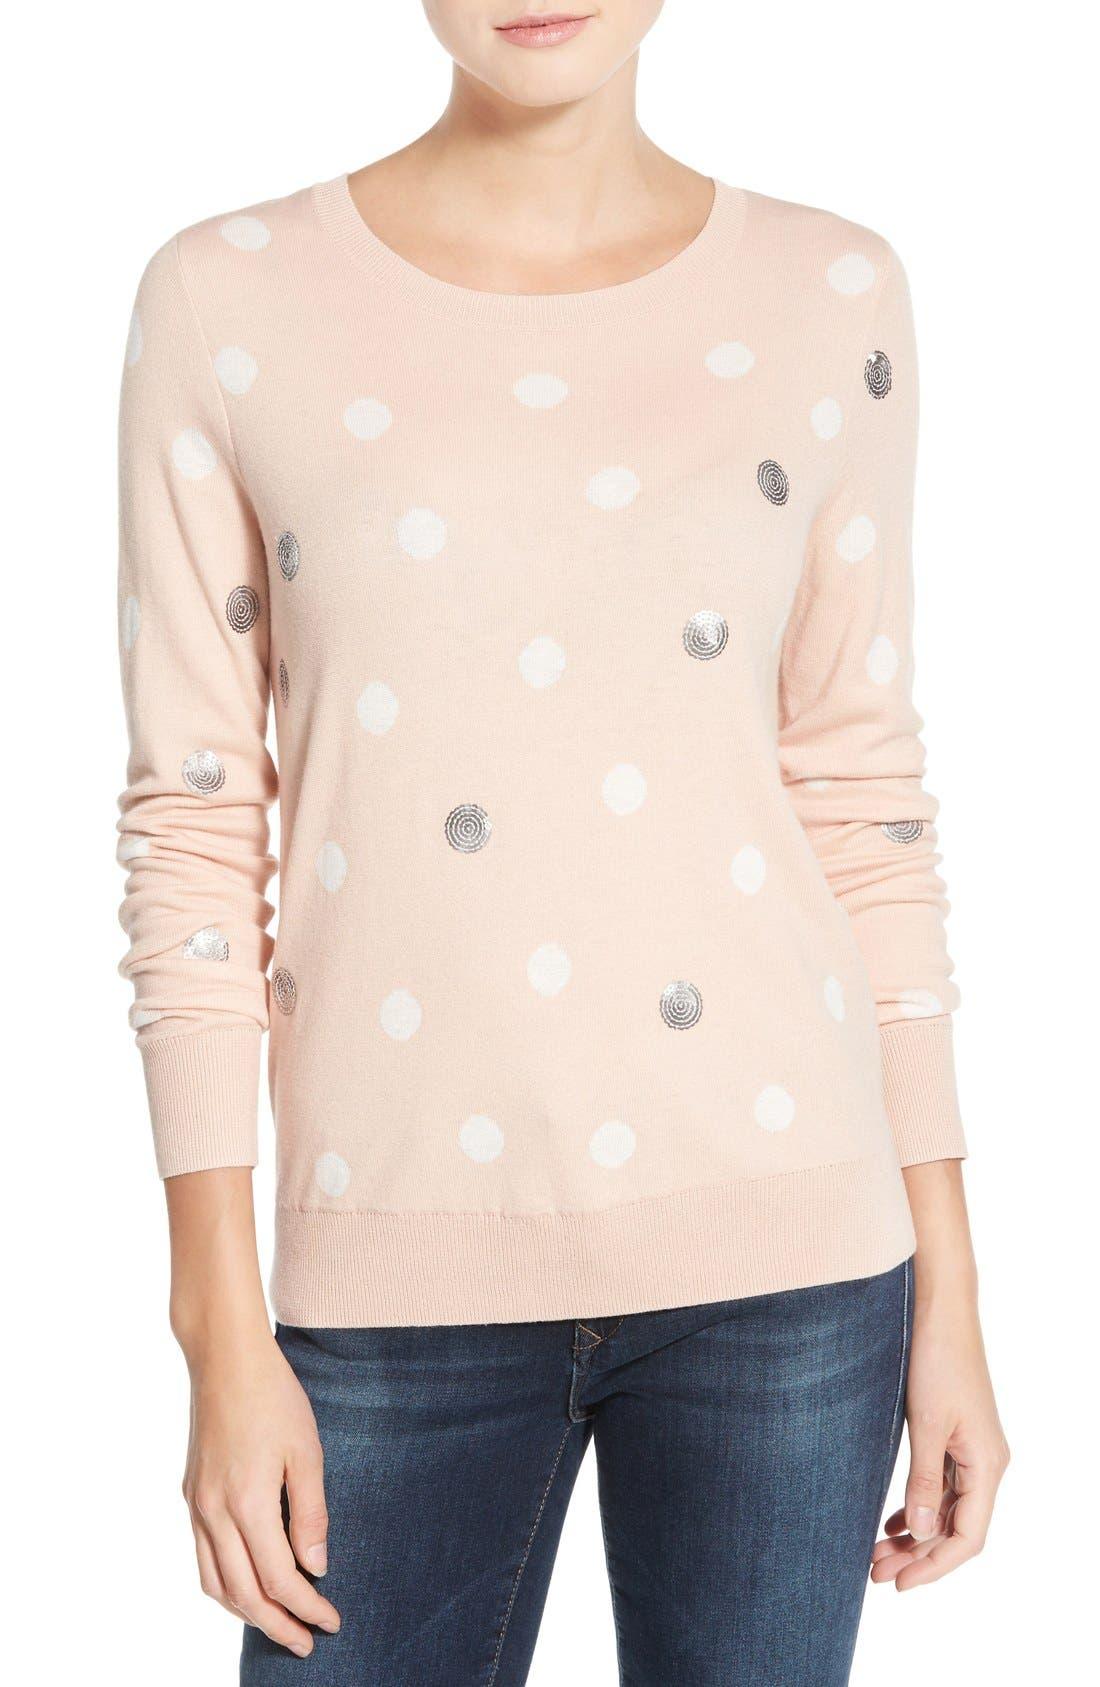 Main Image - Halogen® Lace Appliqué Crewneck Sweater (Regular & Petite)